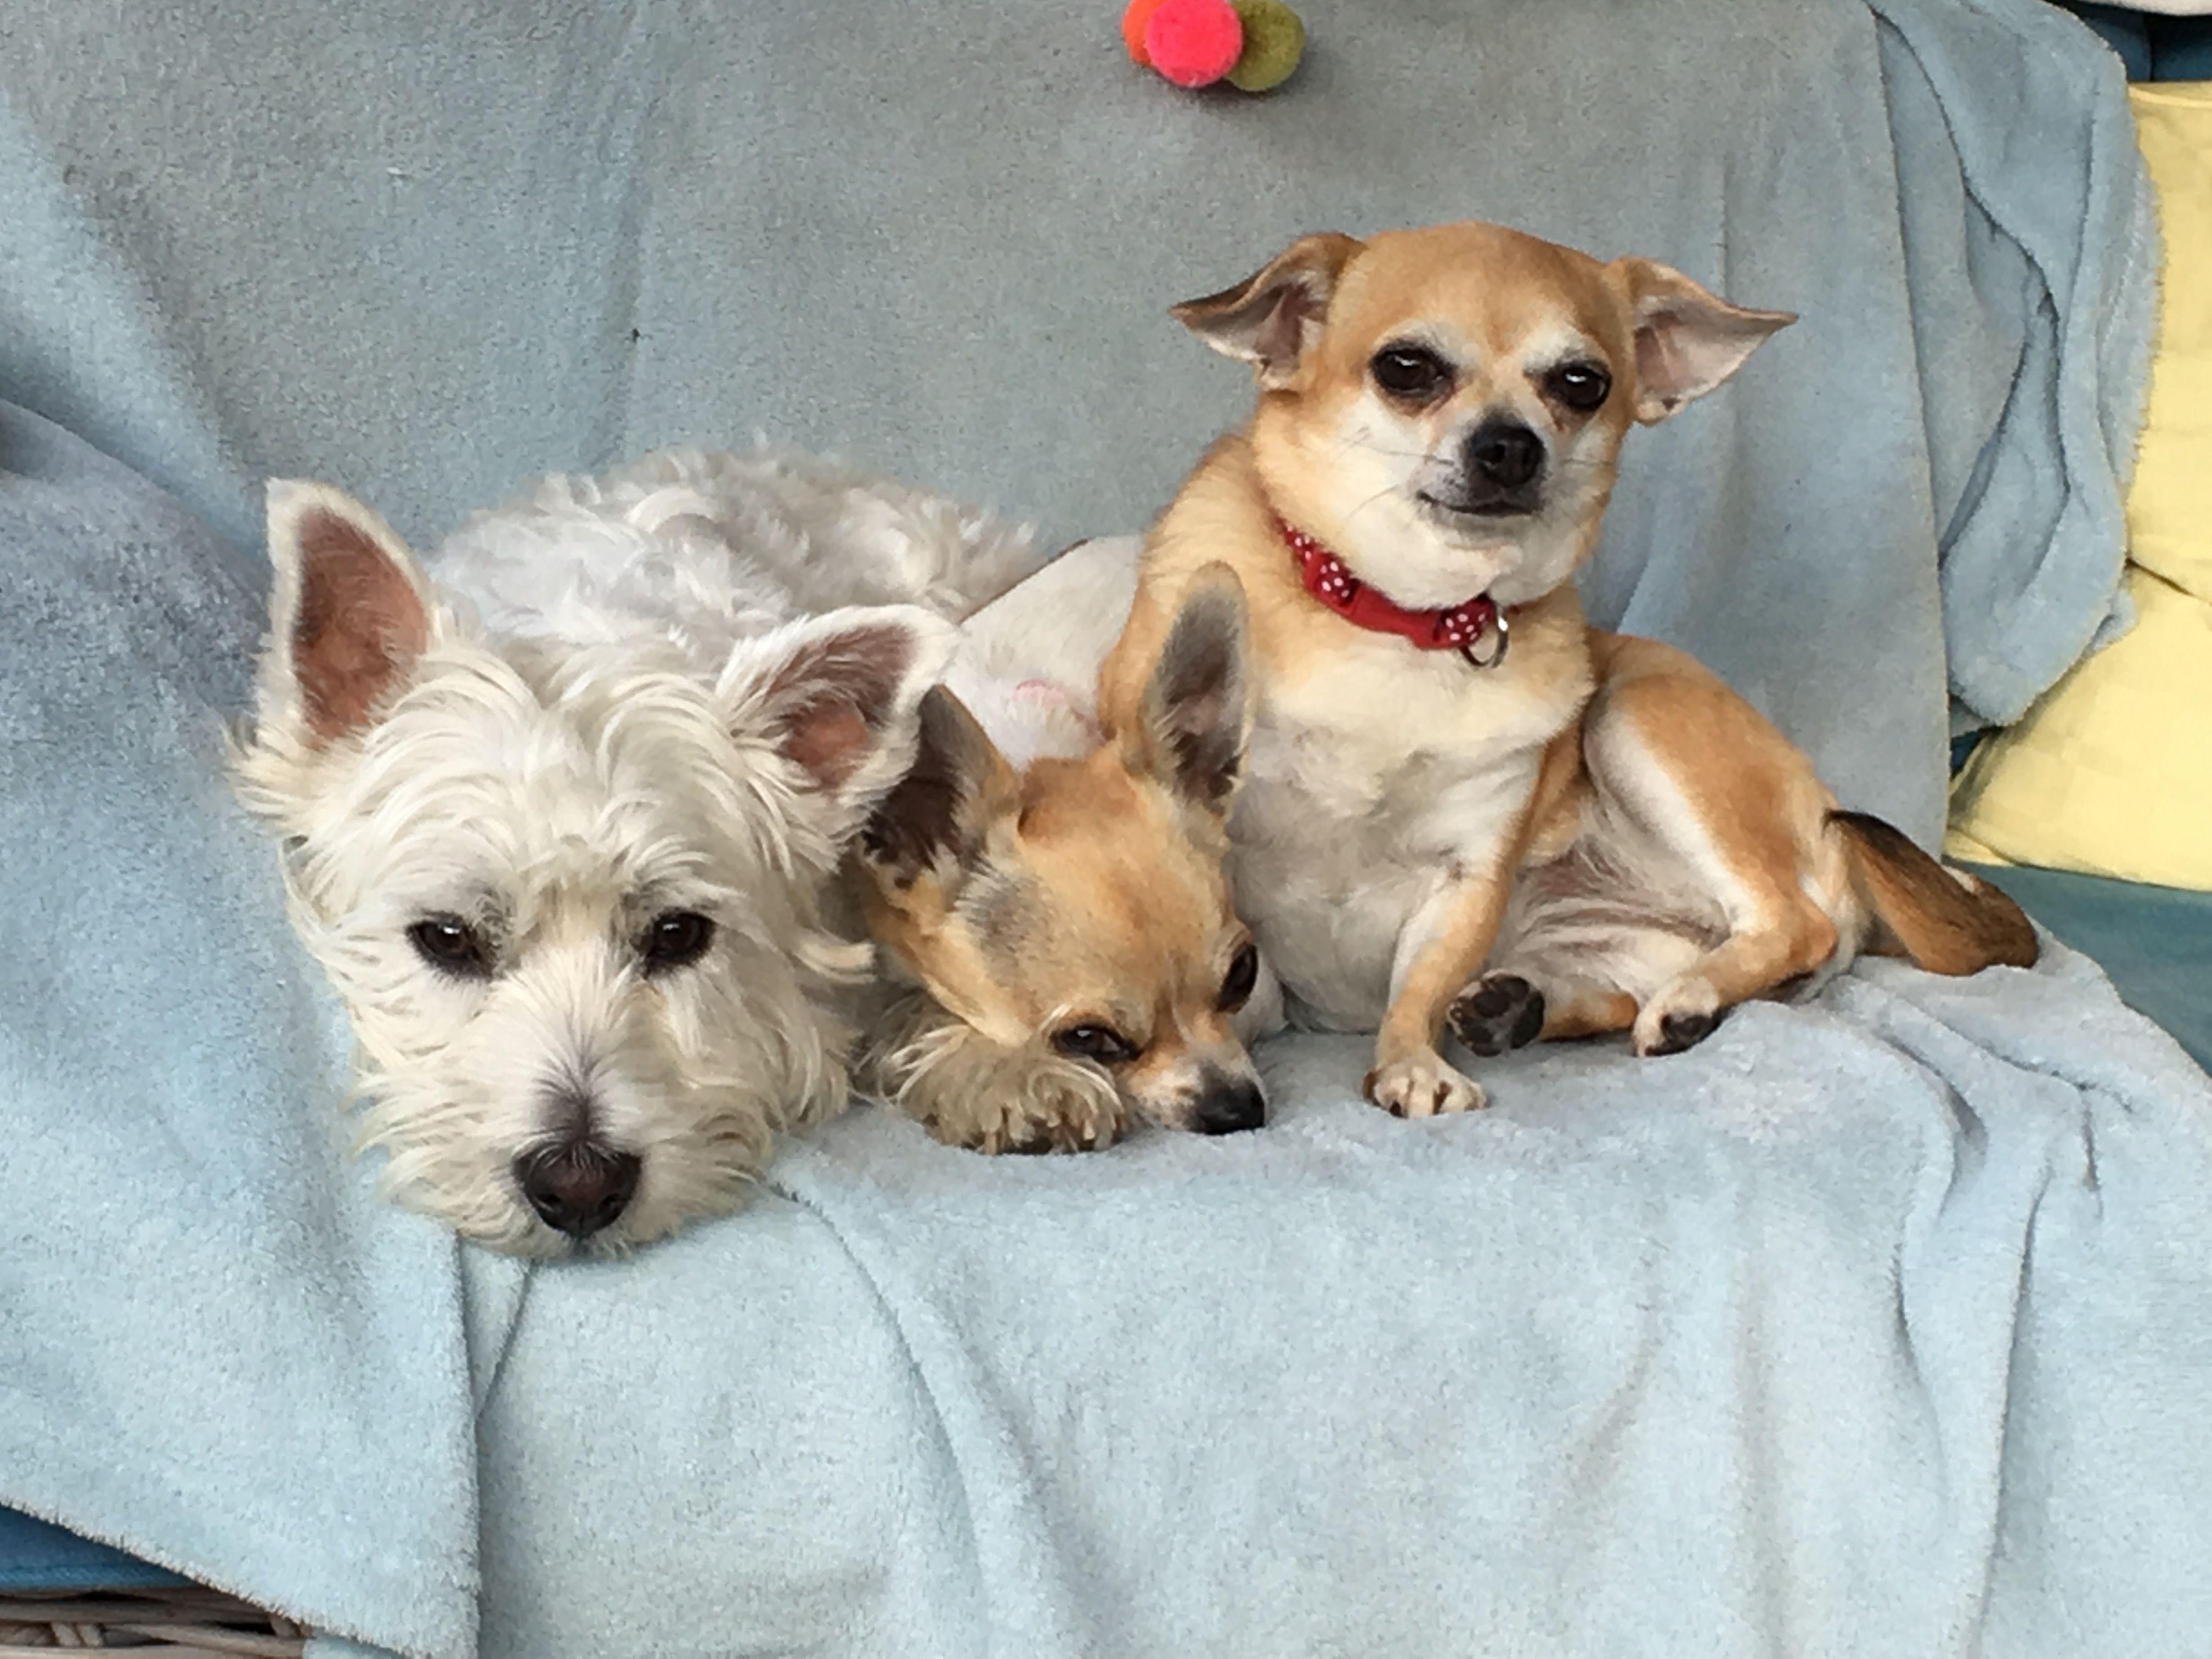 Lab Puppies For Sale In Ohio Craigslist